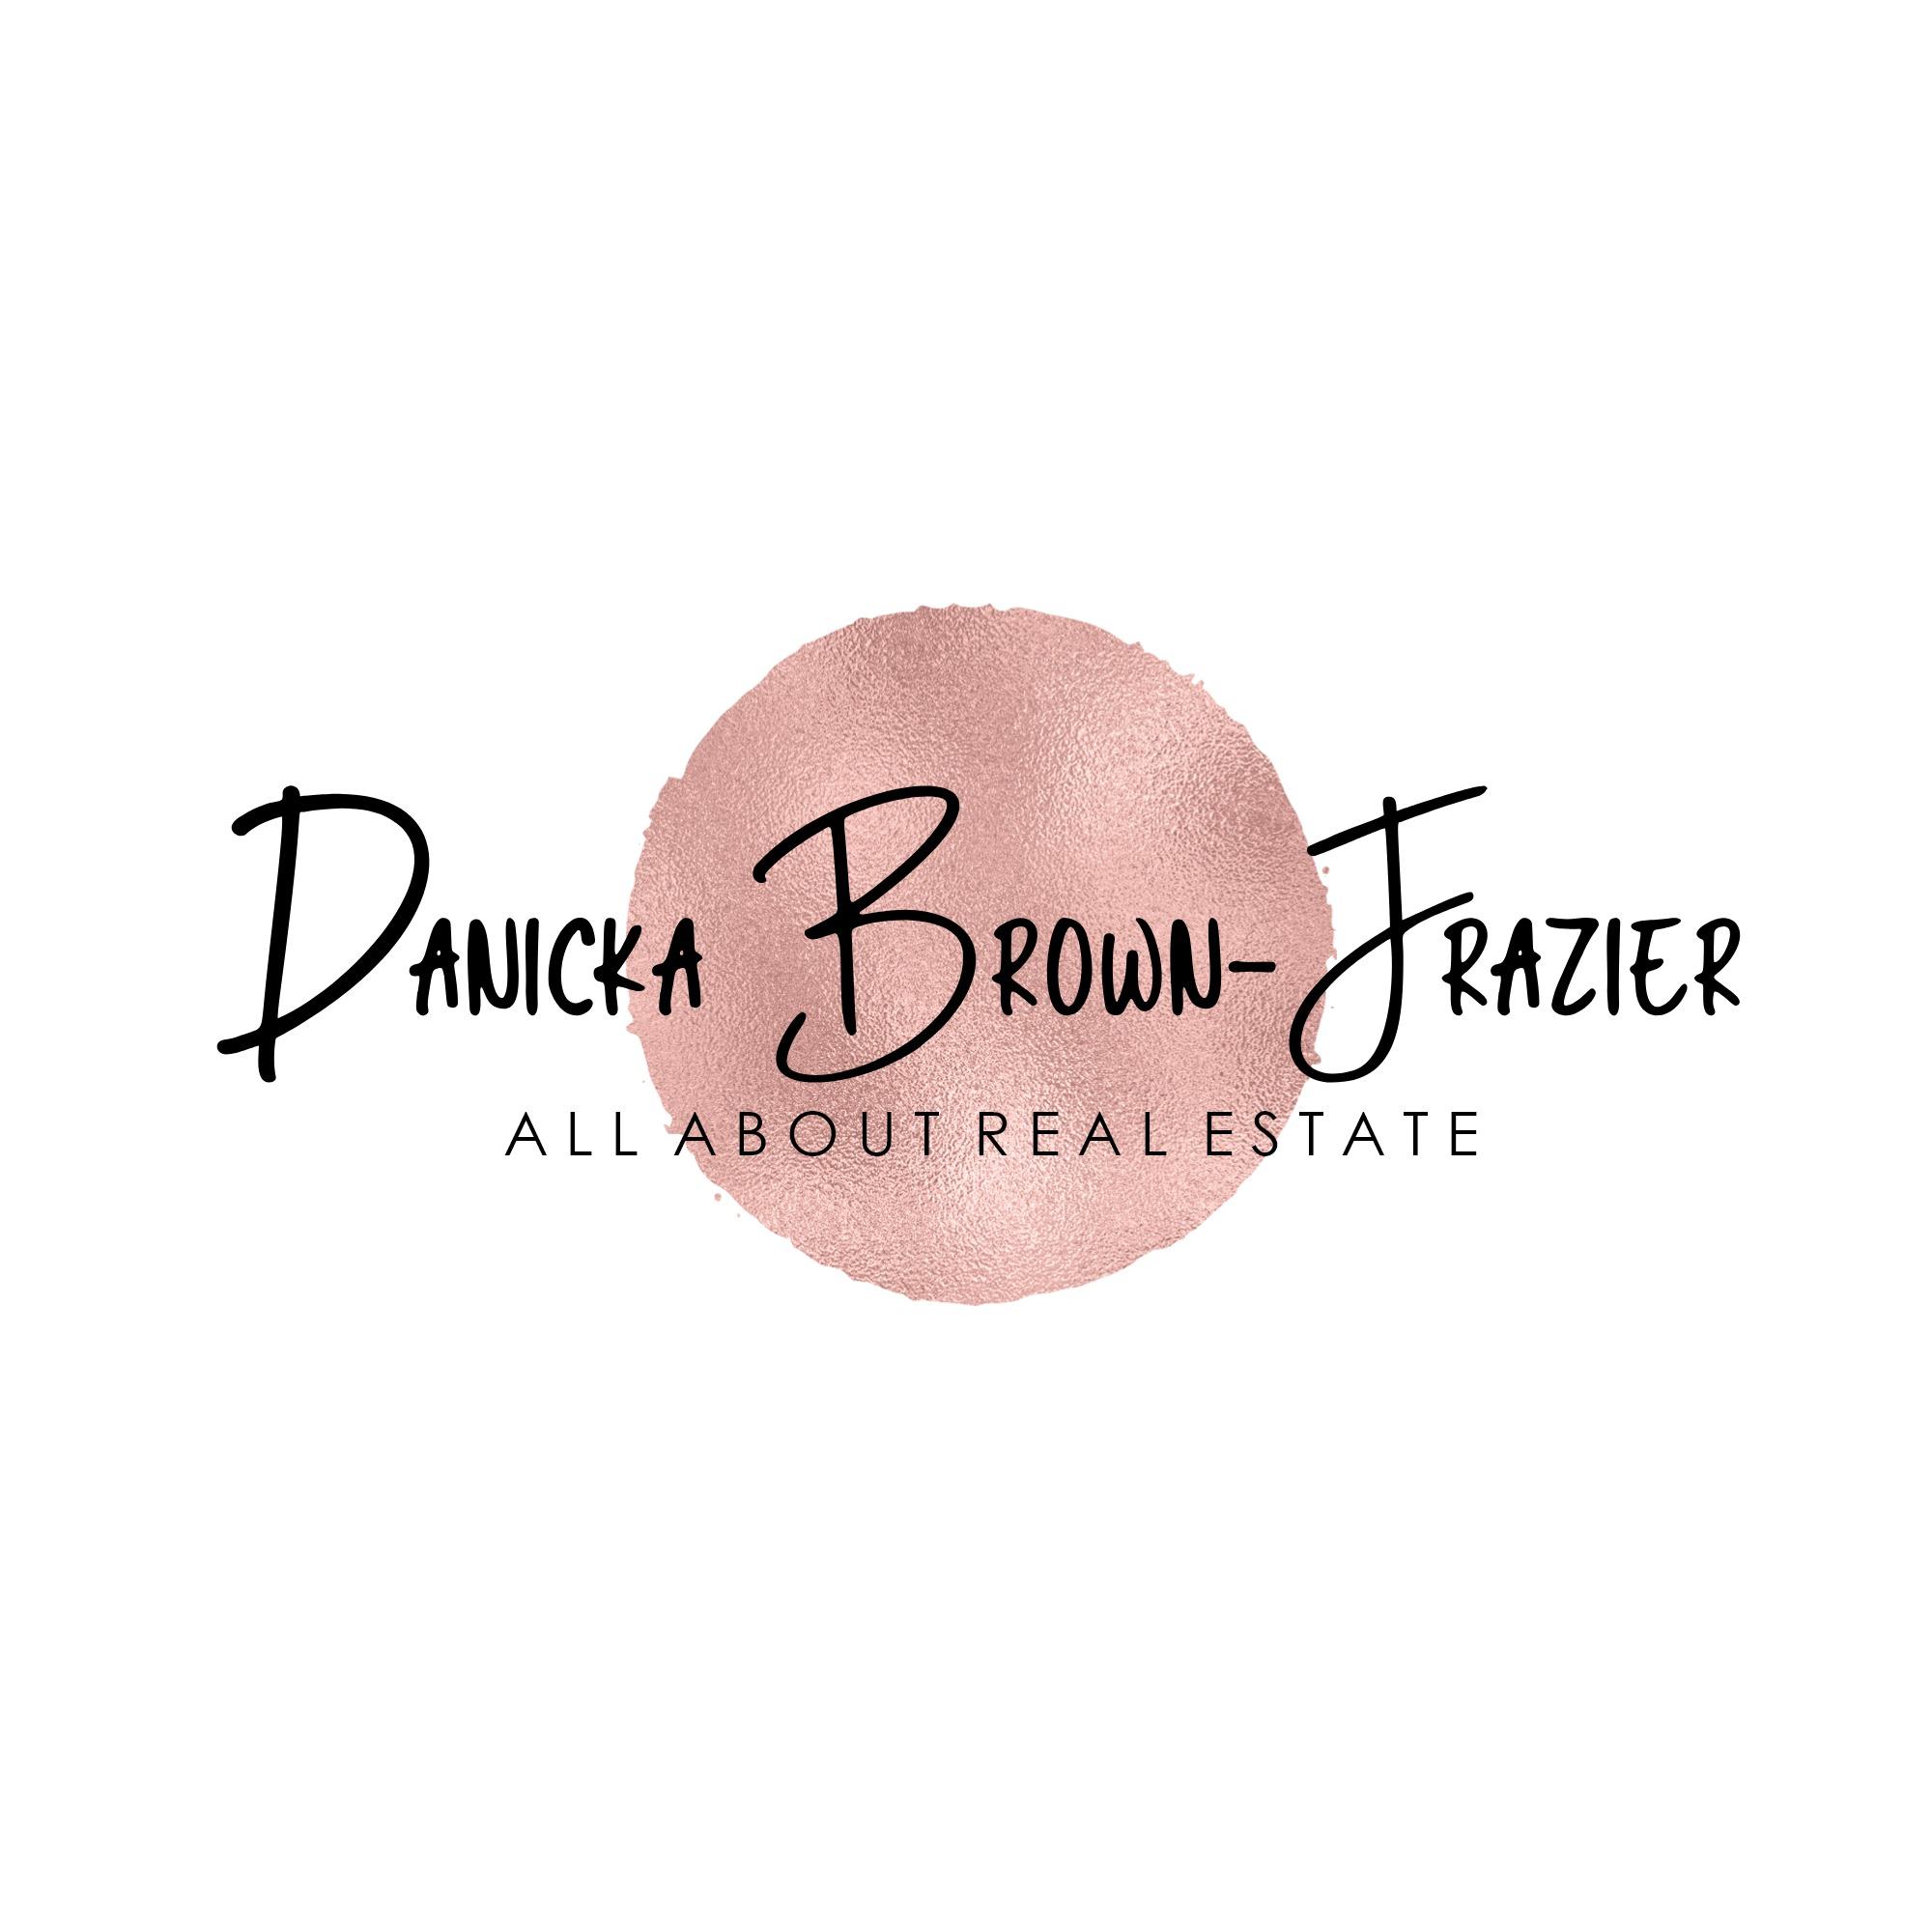 Danicka Brown